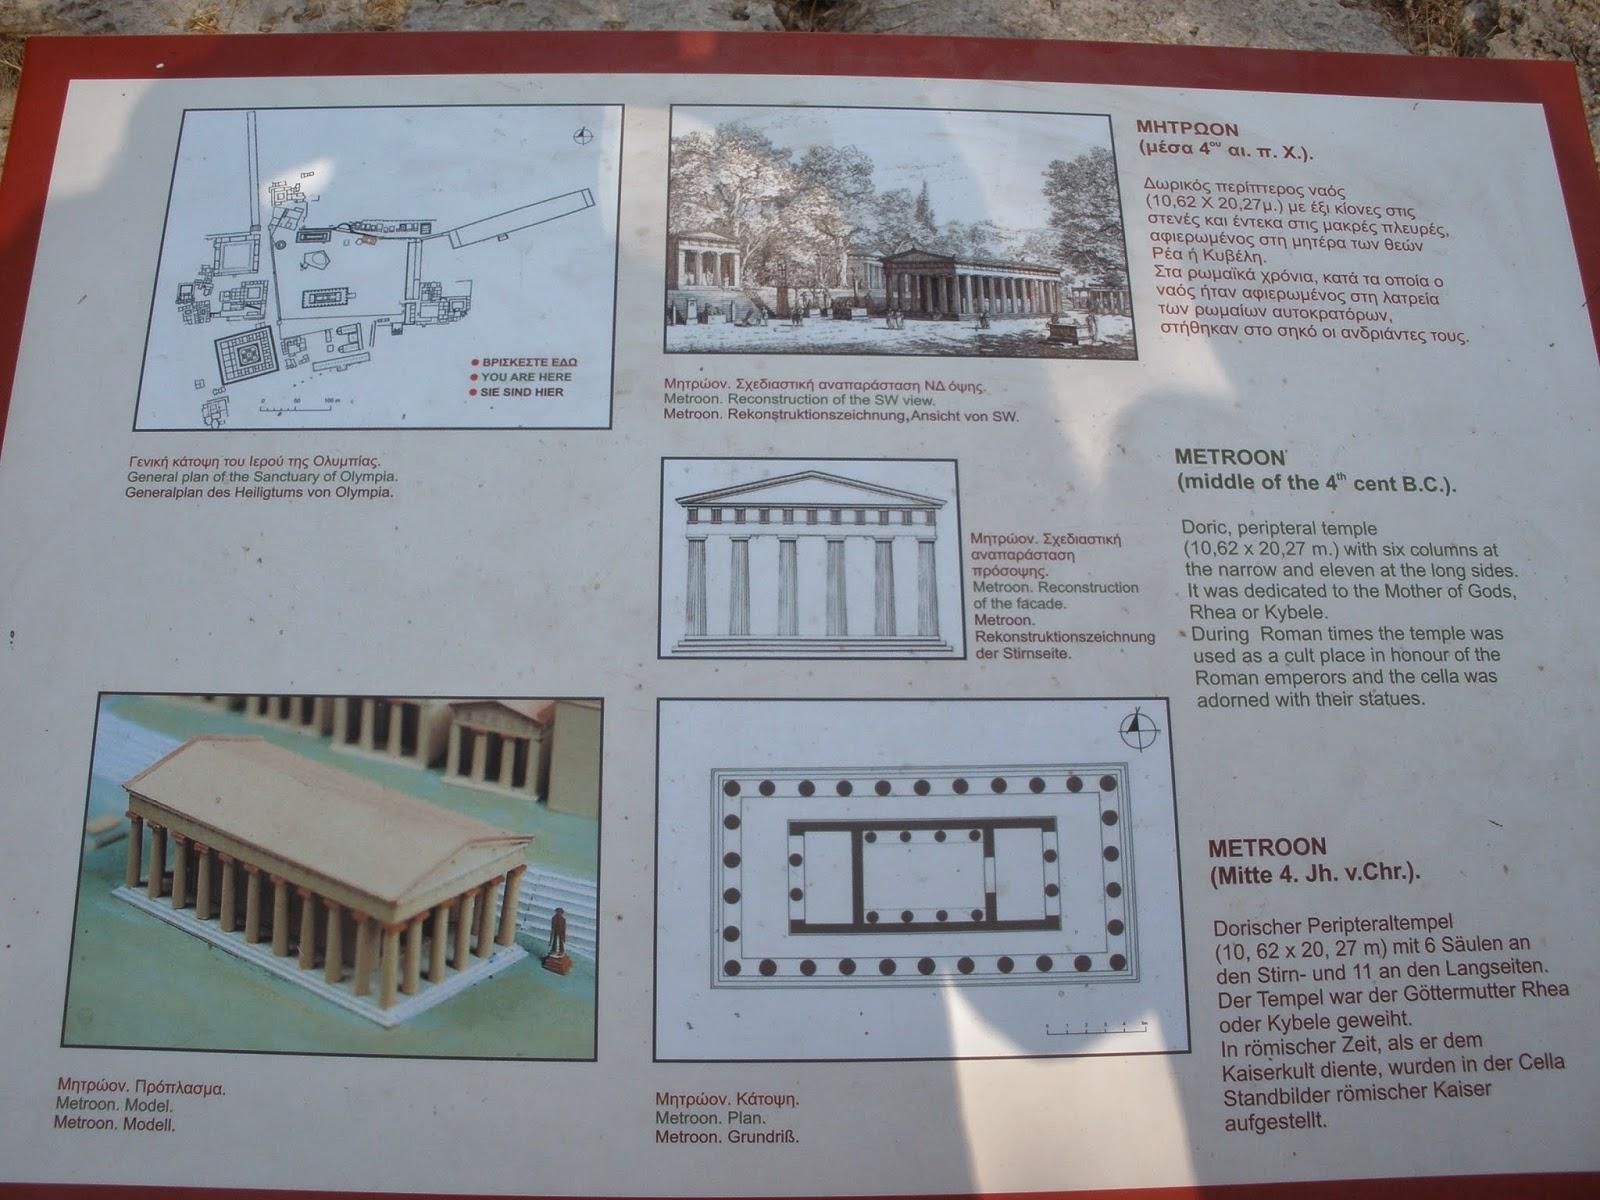 Plano del Metroón